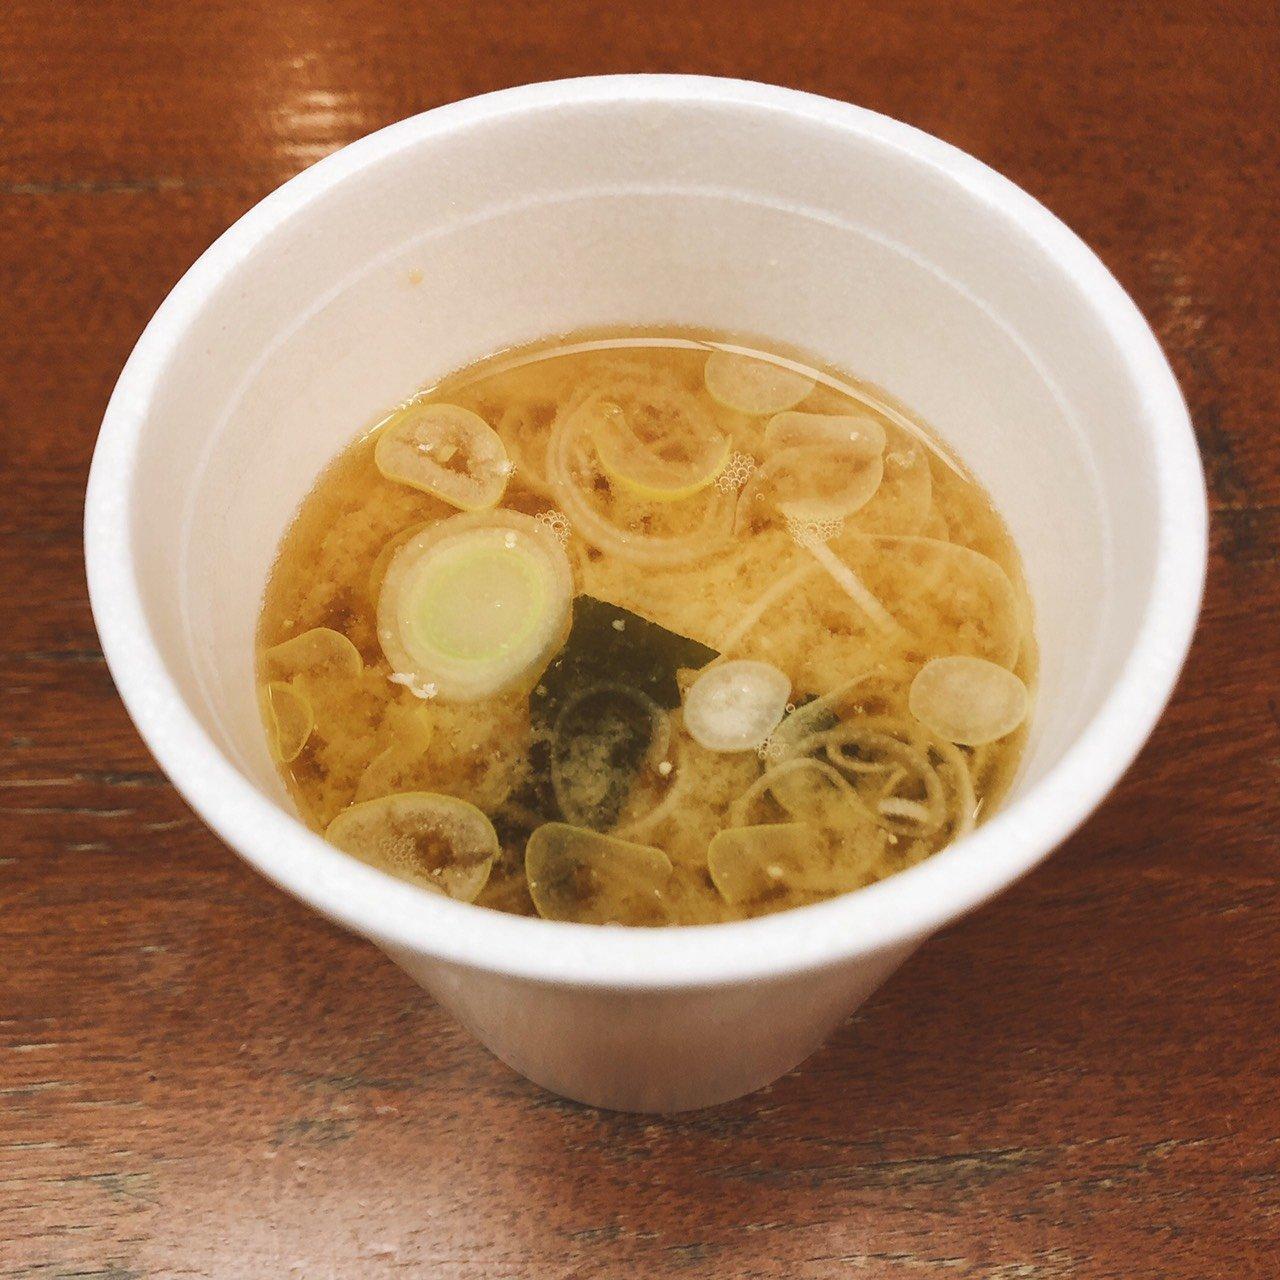 【テイクアウト・出前用】味噌汁のイメージその1